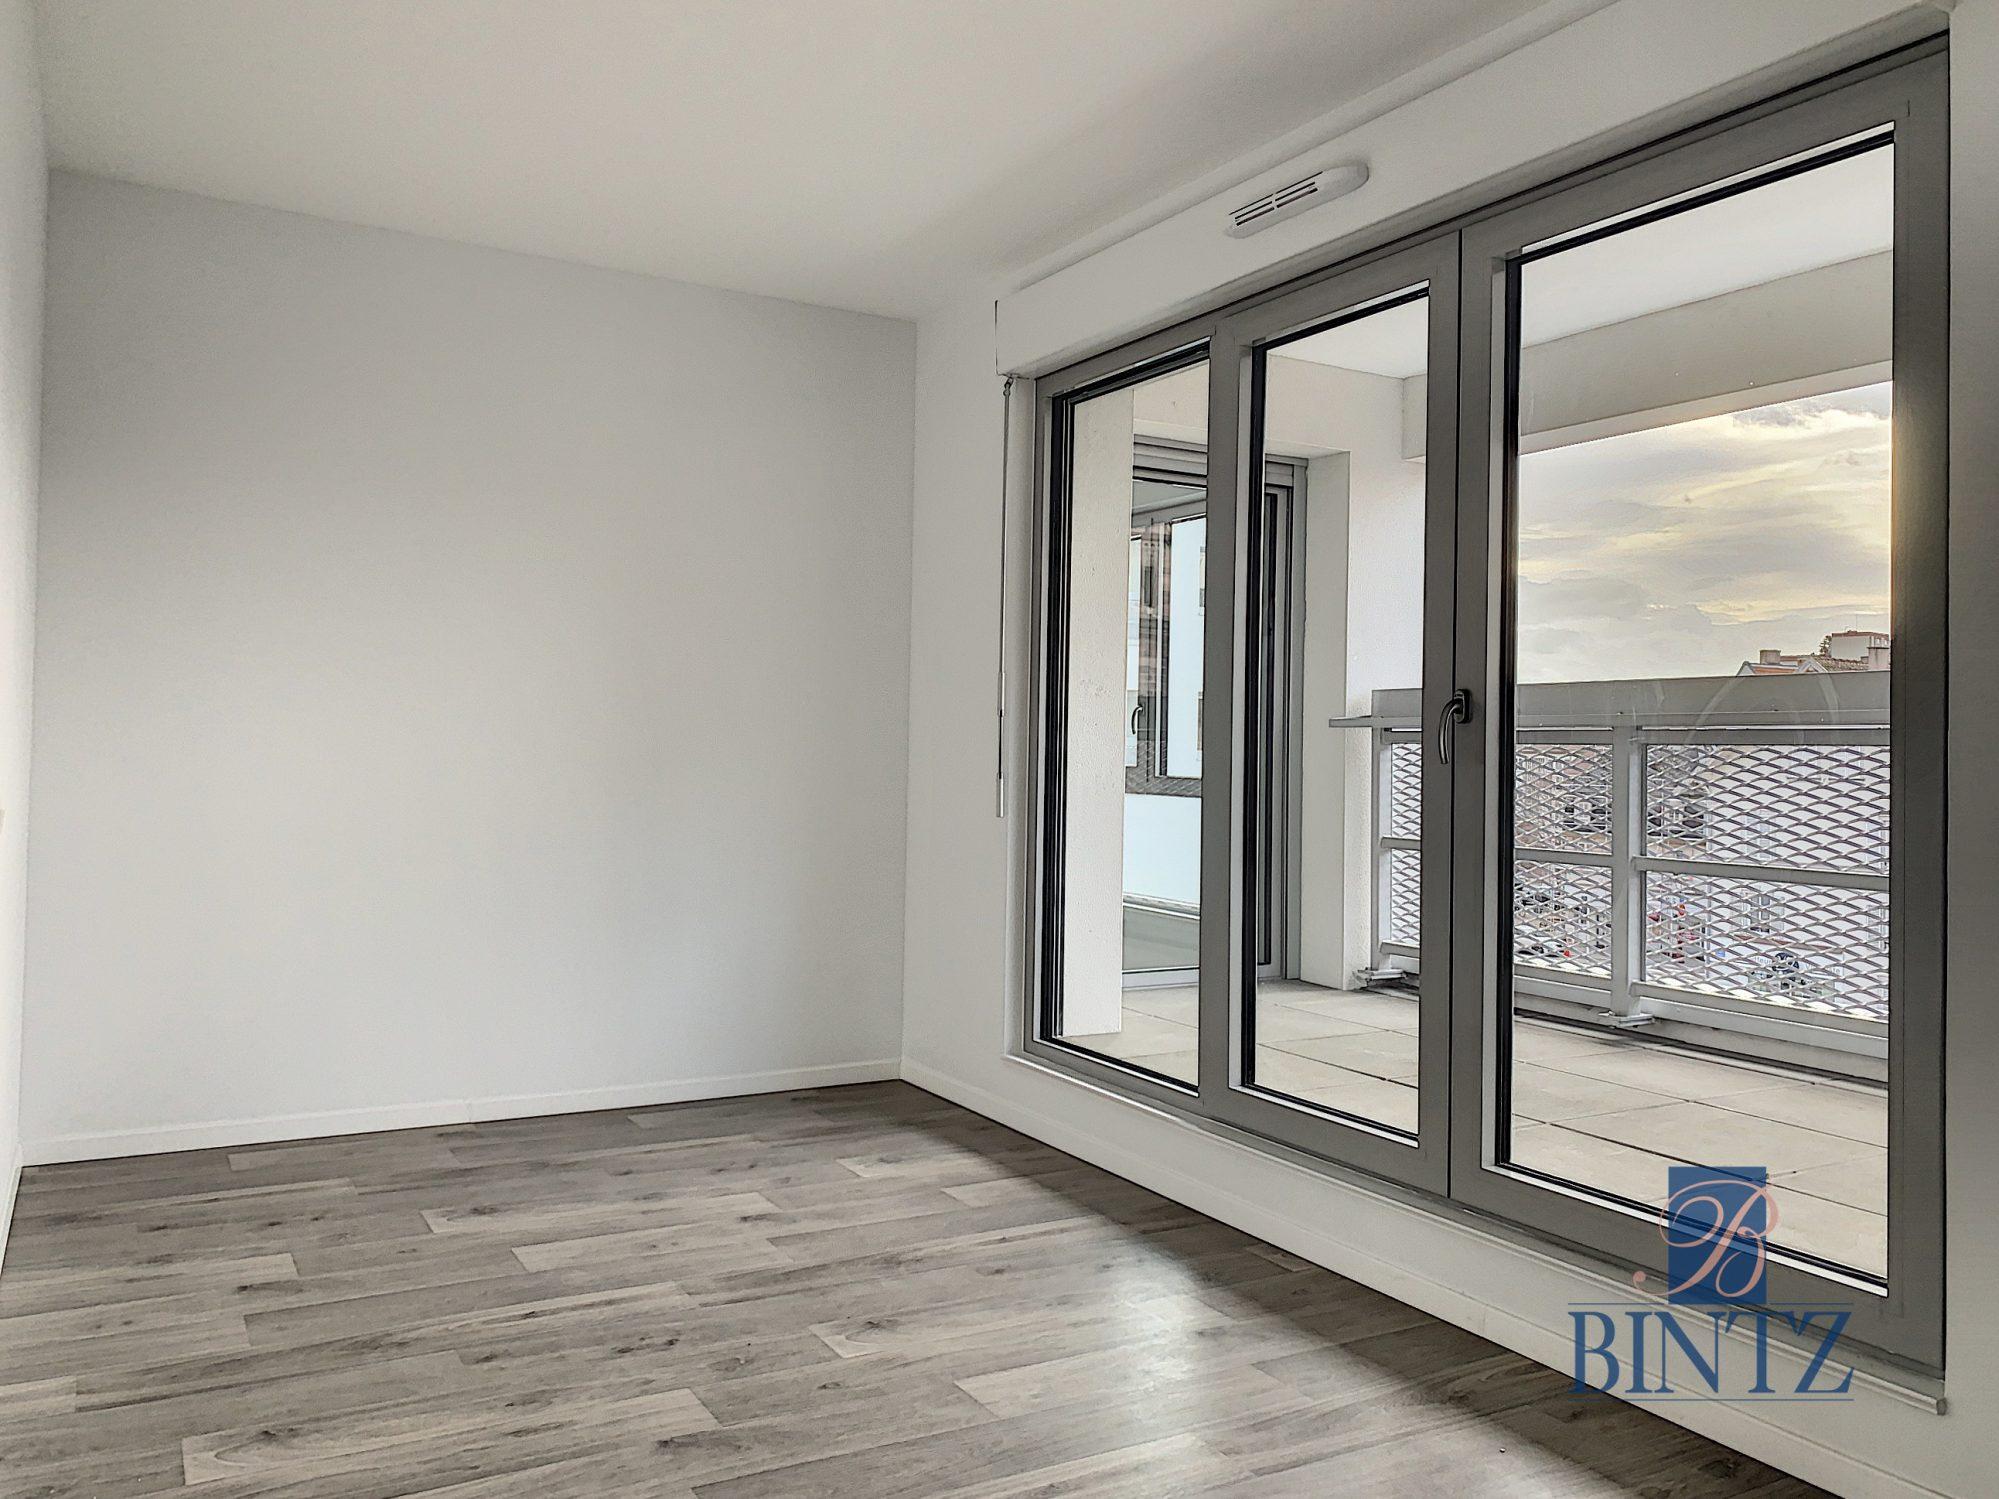 3 Pièces NEUF Quartier des brasseurs - Devenez locataire en toute sérénité - Bintz Immobilier - 6